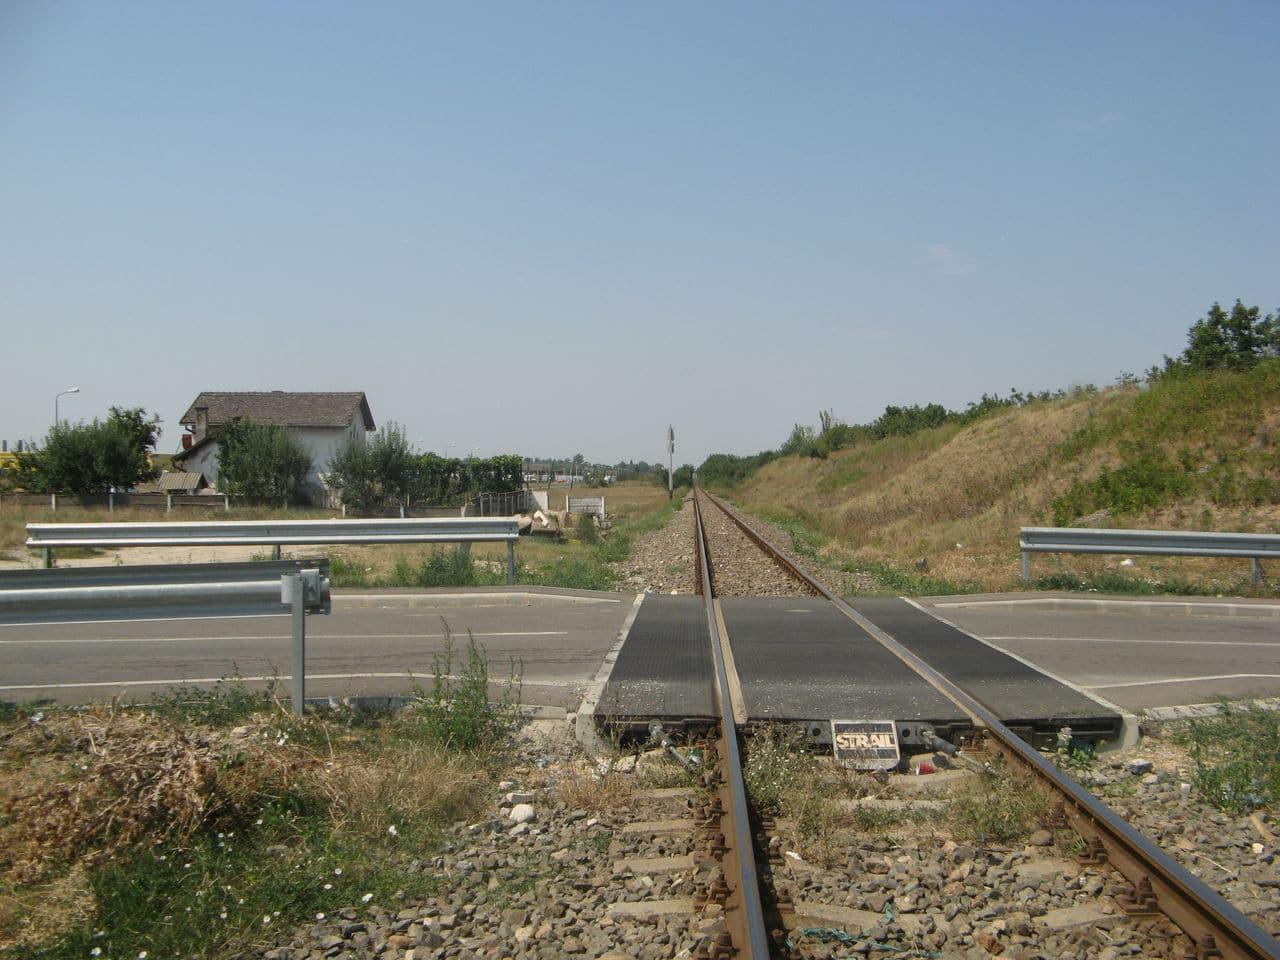 Calea ferată directă Oradea Vest - Episcopia Bihor IMG_0059